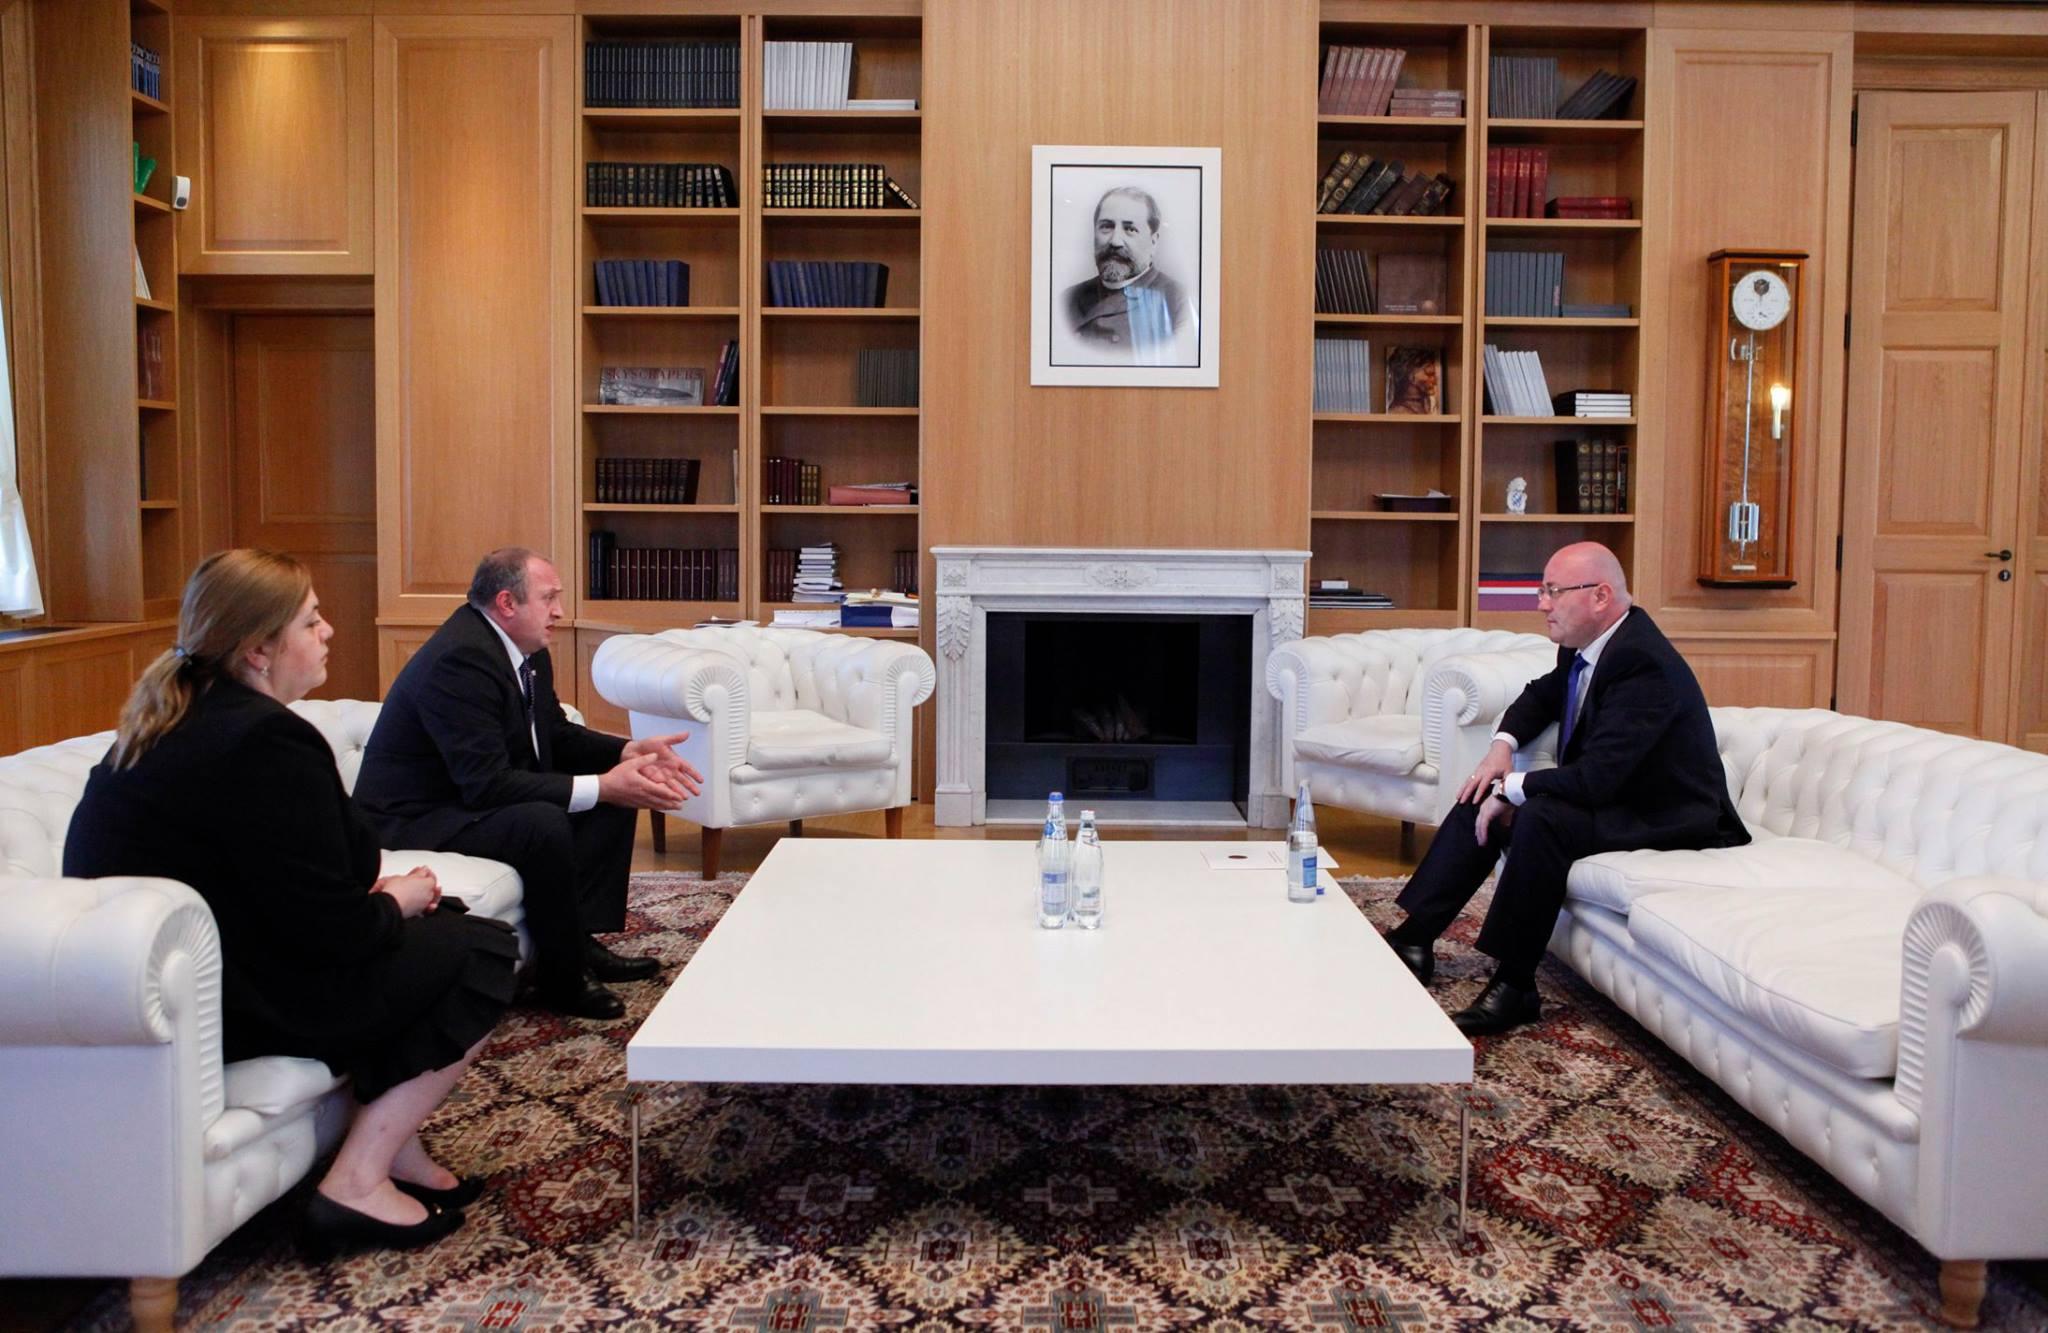 პრეზიდენტმა და თავდაცვის მინისტრმა პირველი სამუშაო შეხვედრა გამართეს